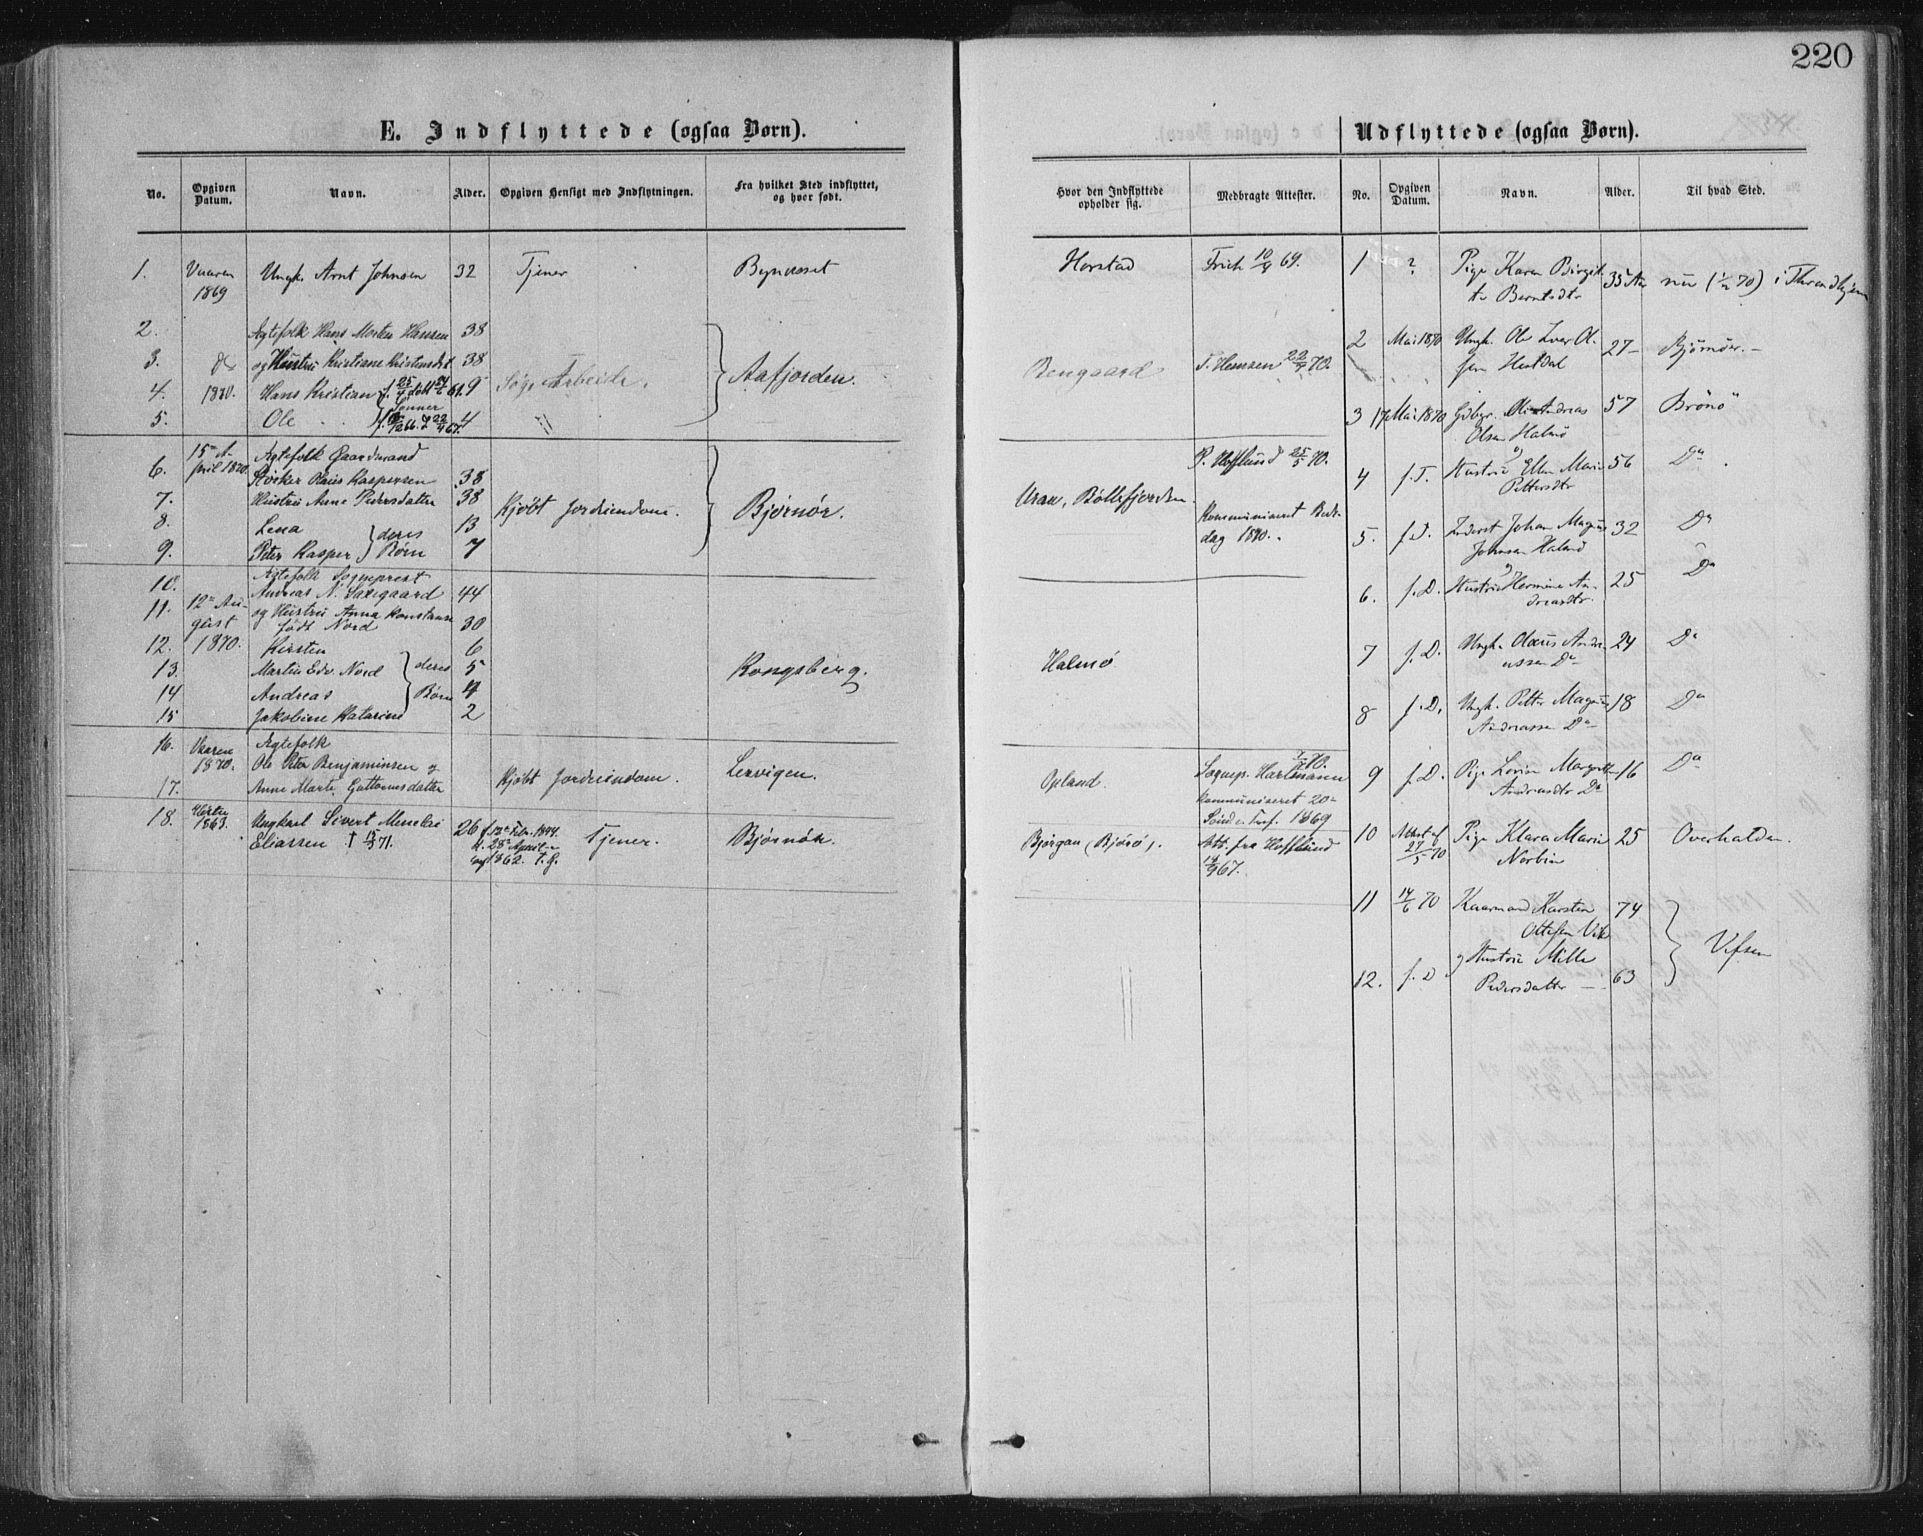 SAT, Ministerialprotokoller, klokkerbøker og fødselsregistre - Nord-Trøndelag, 771/L0596: Ministerialbok nr. 771A03, 1870-1884, s. 220